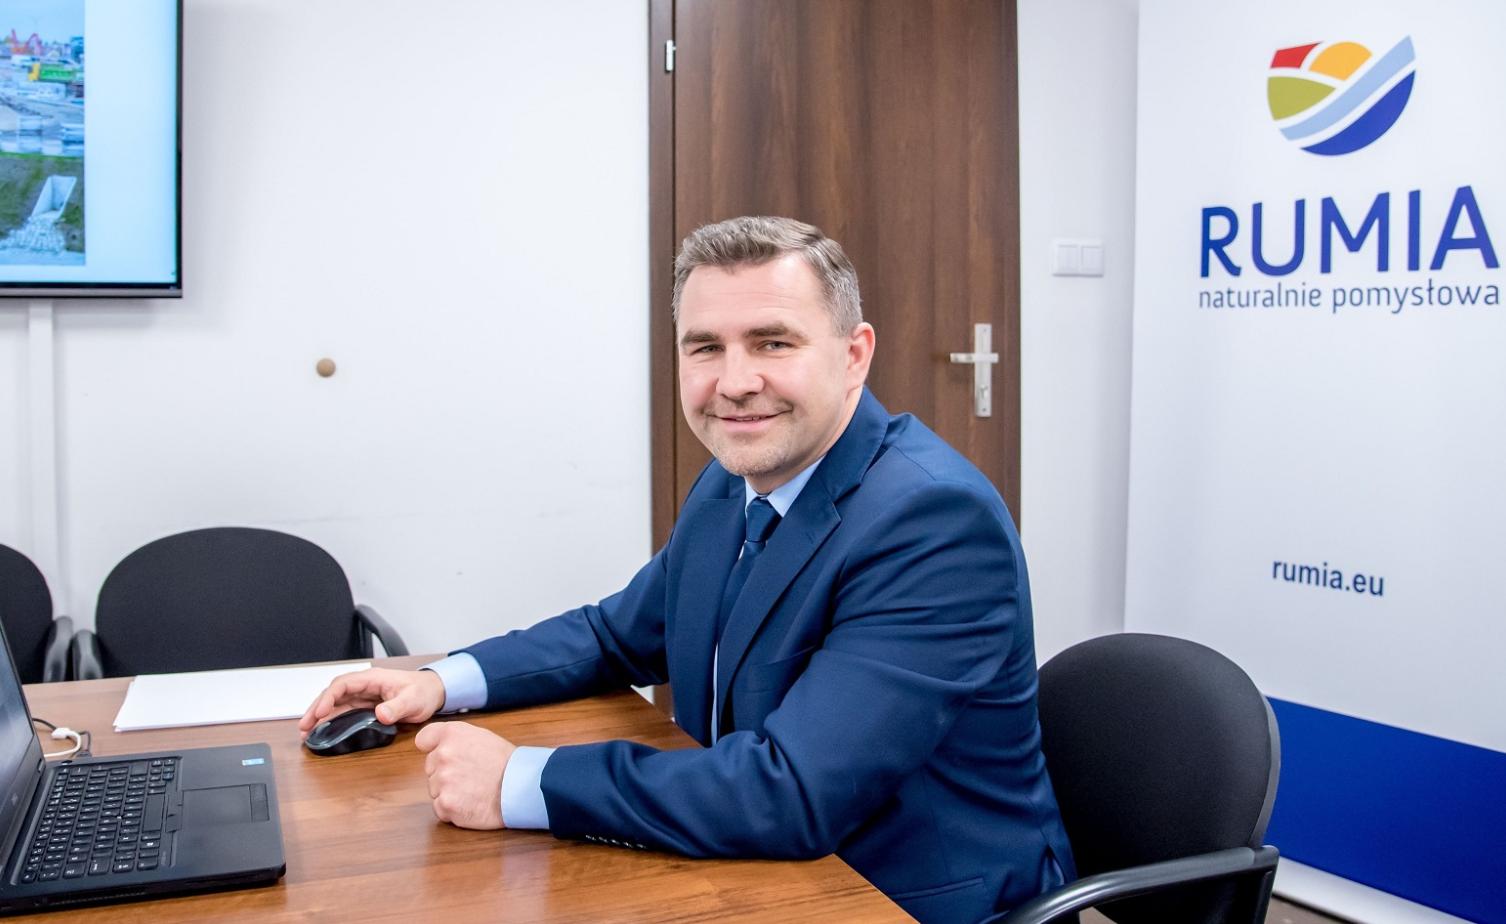 Burmistrz Michał Pasieczny przygotowujący się do wideokonferencji